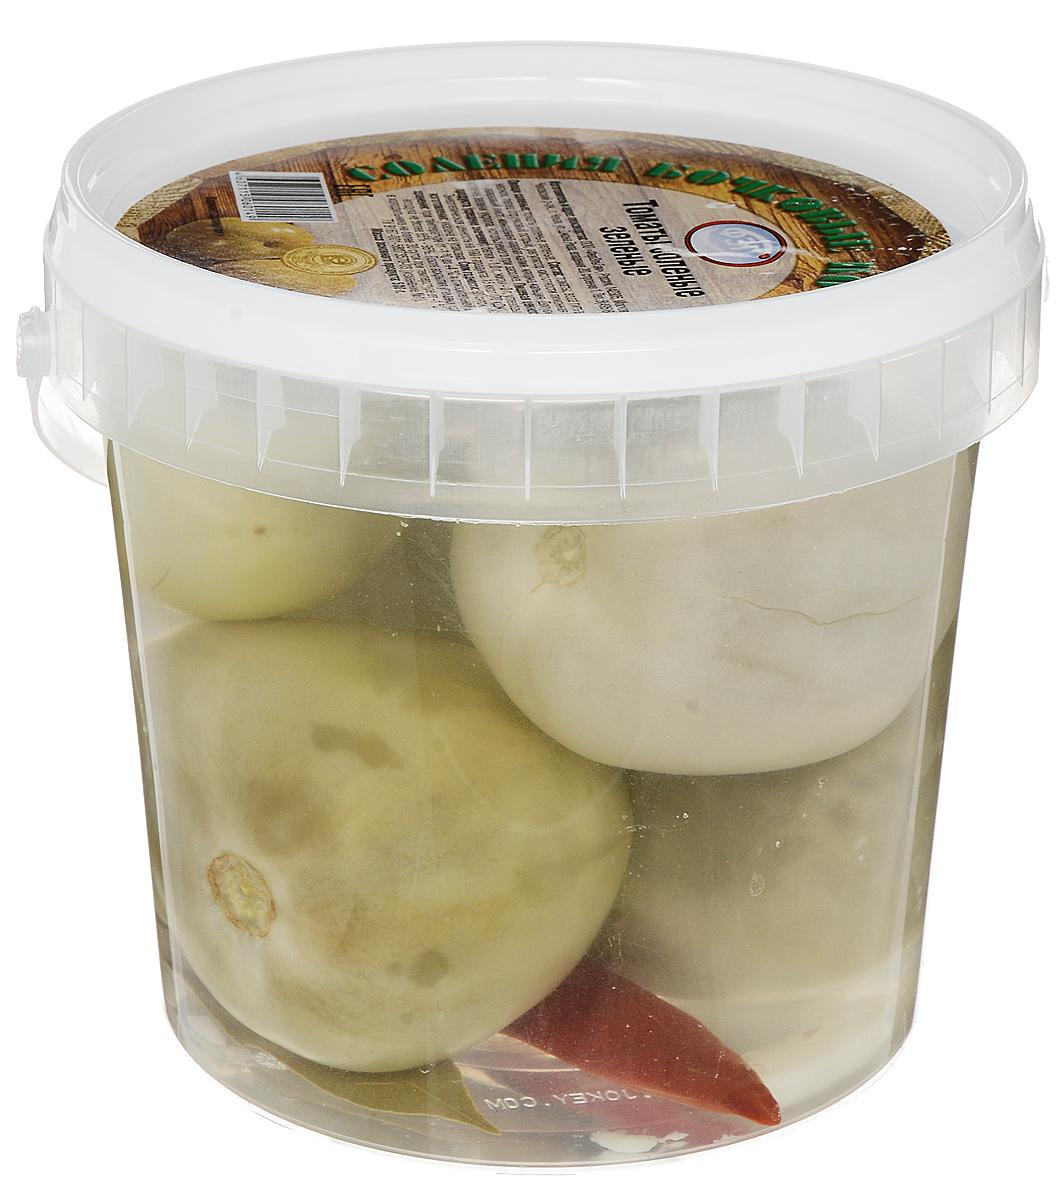 ФЭГ Томаты соленые зеленые, 1000 г11330Соленые помидоры содержат в себе практически все полезные вещества, идентичные свежим плодам. В этом овоще находится природный и очень полезный антиоксидант – ликопин. В данное блюдо добавляются клюква и брусника.